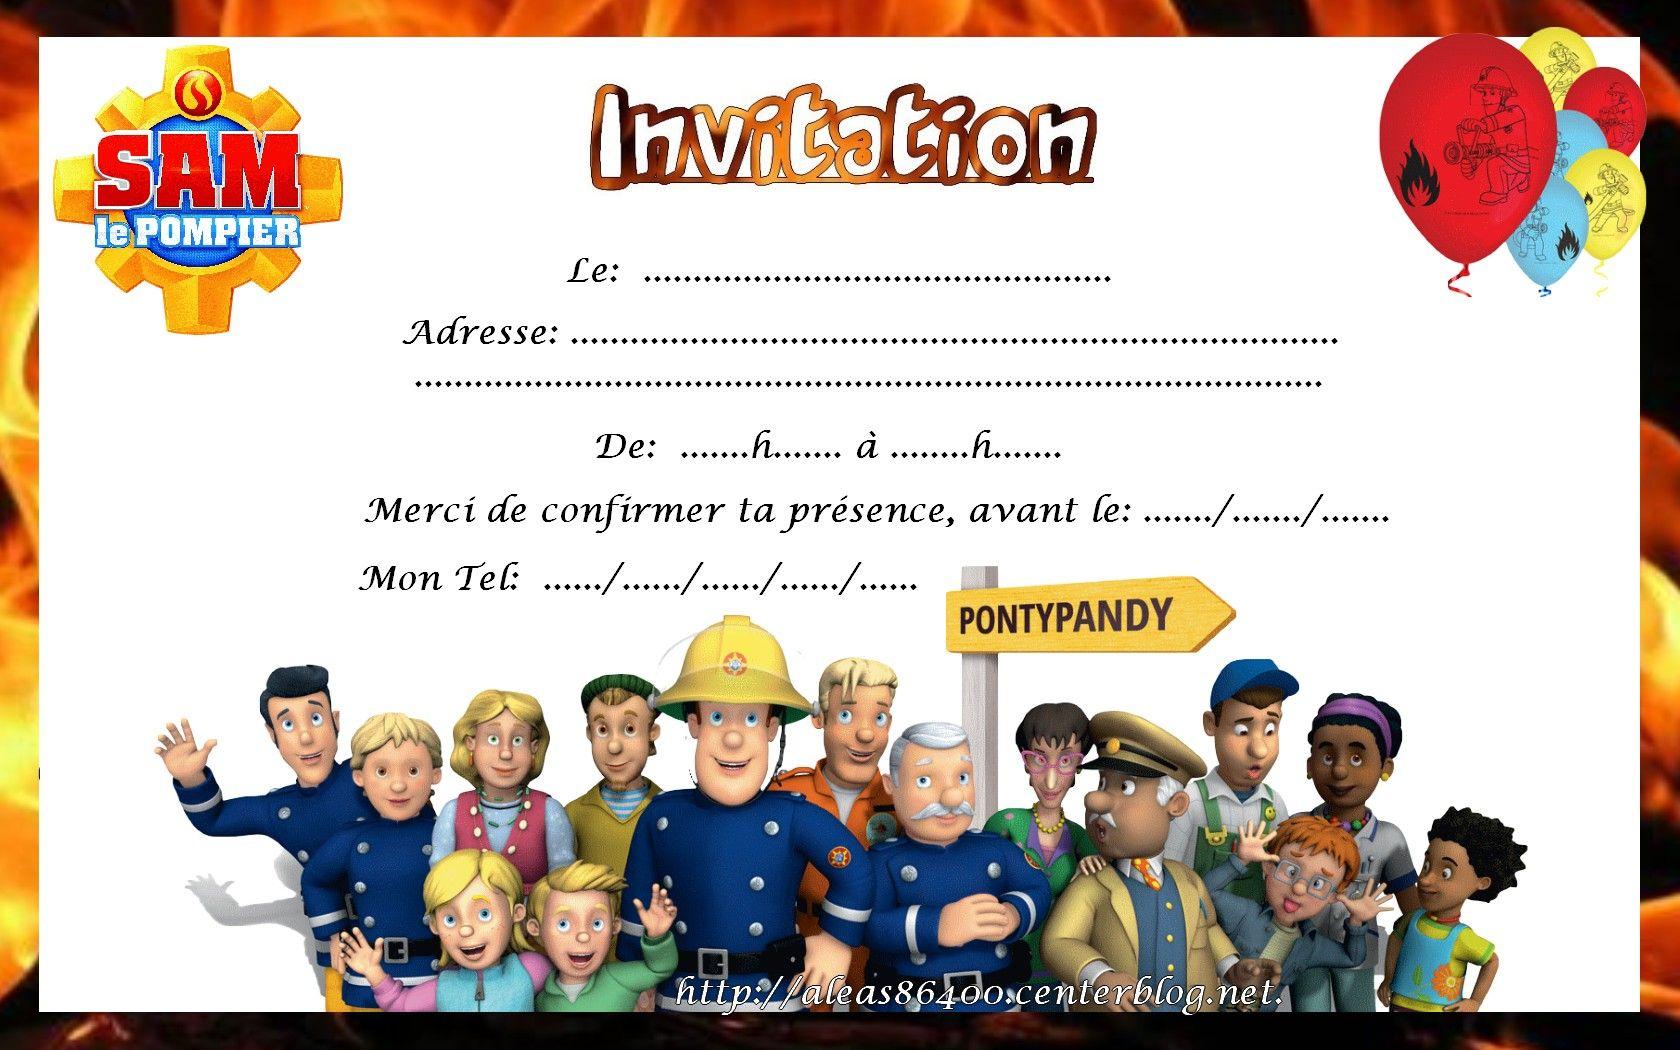 Carte invitation sam le pompier 09 - Sam le pompier gratuit ...